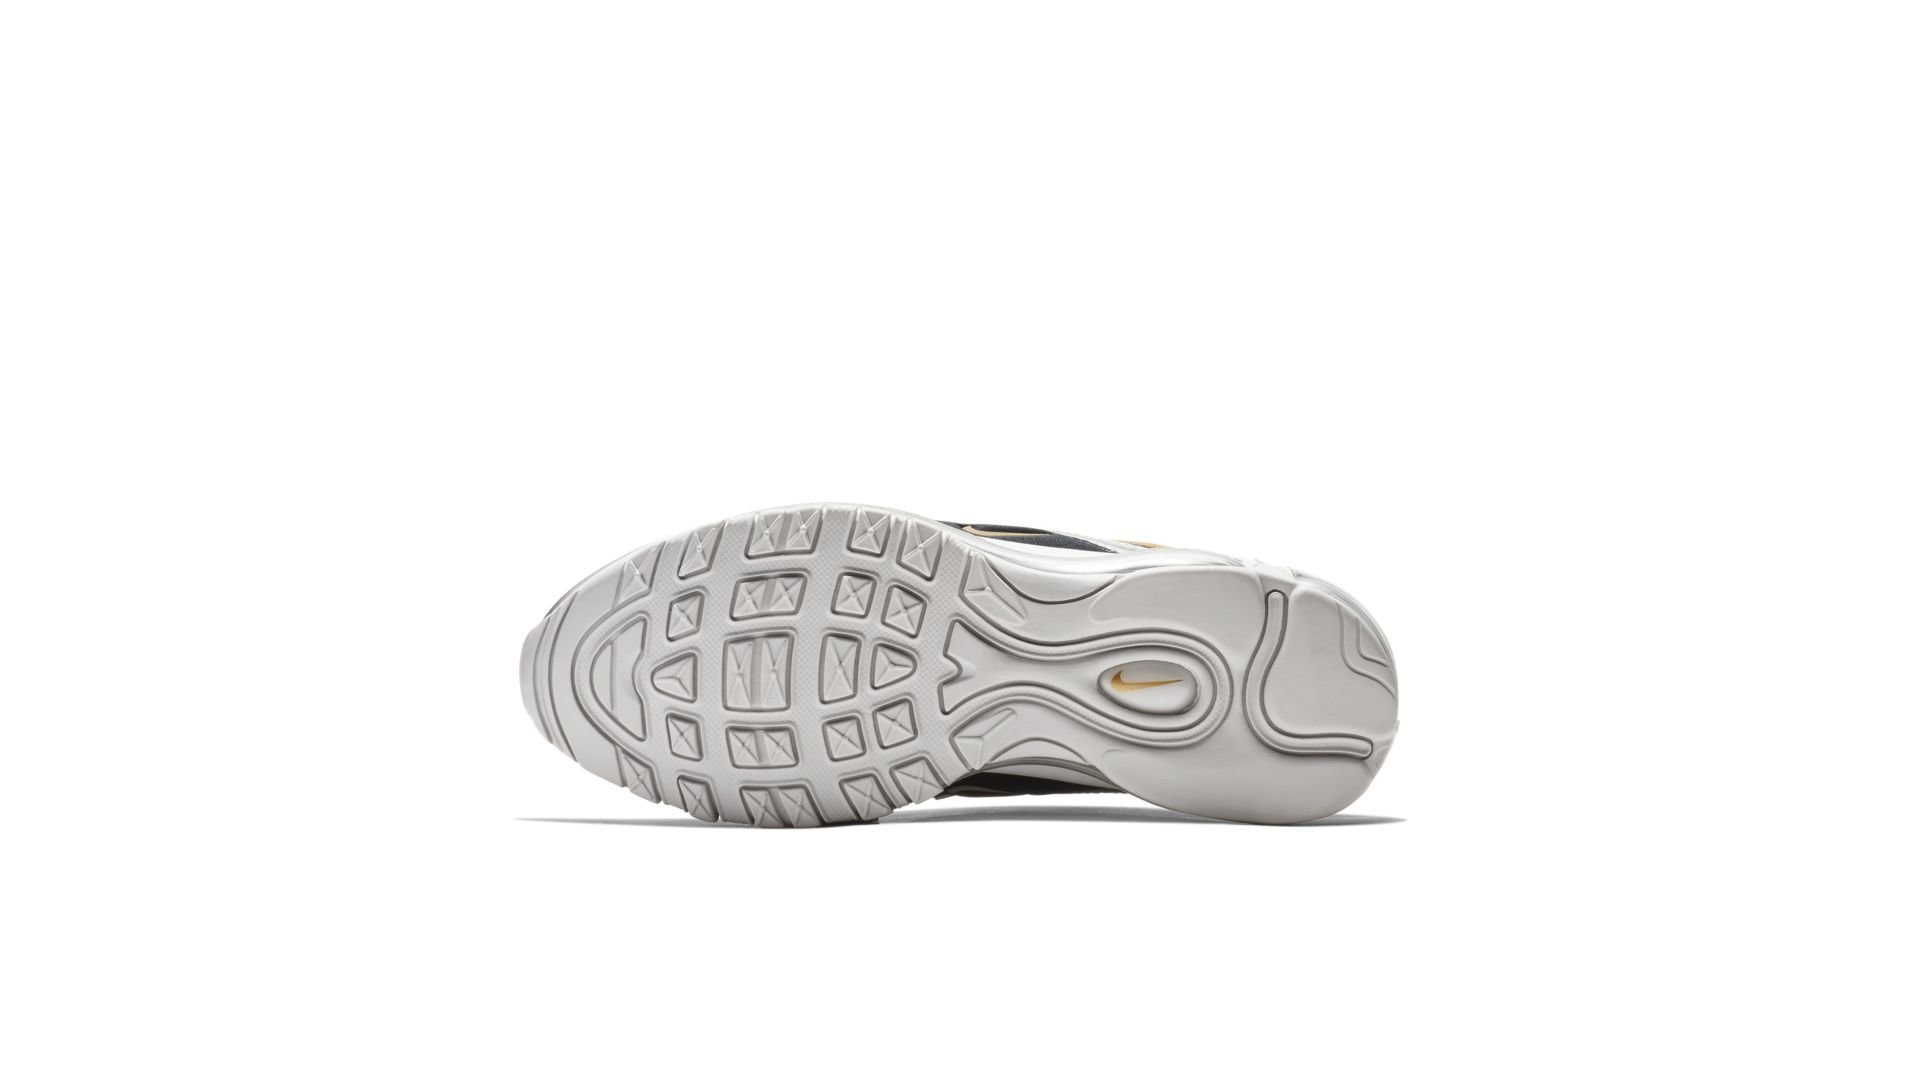 Nike Air Max 97 SE 'Metallic Gold & Silver' (AQ4137-700)